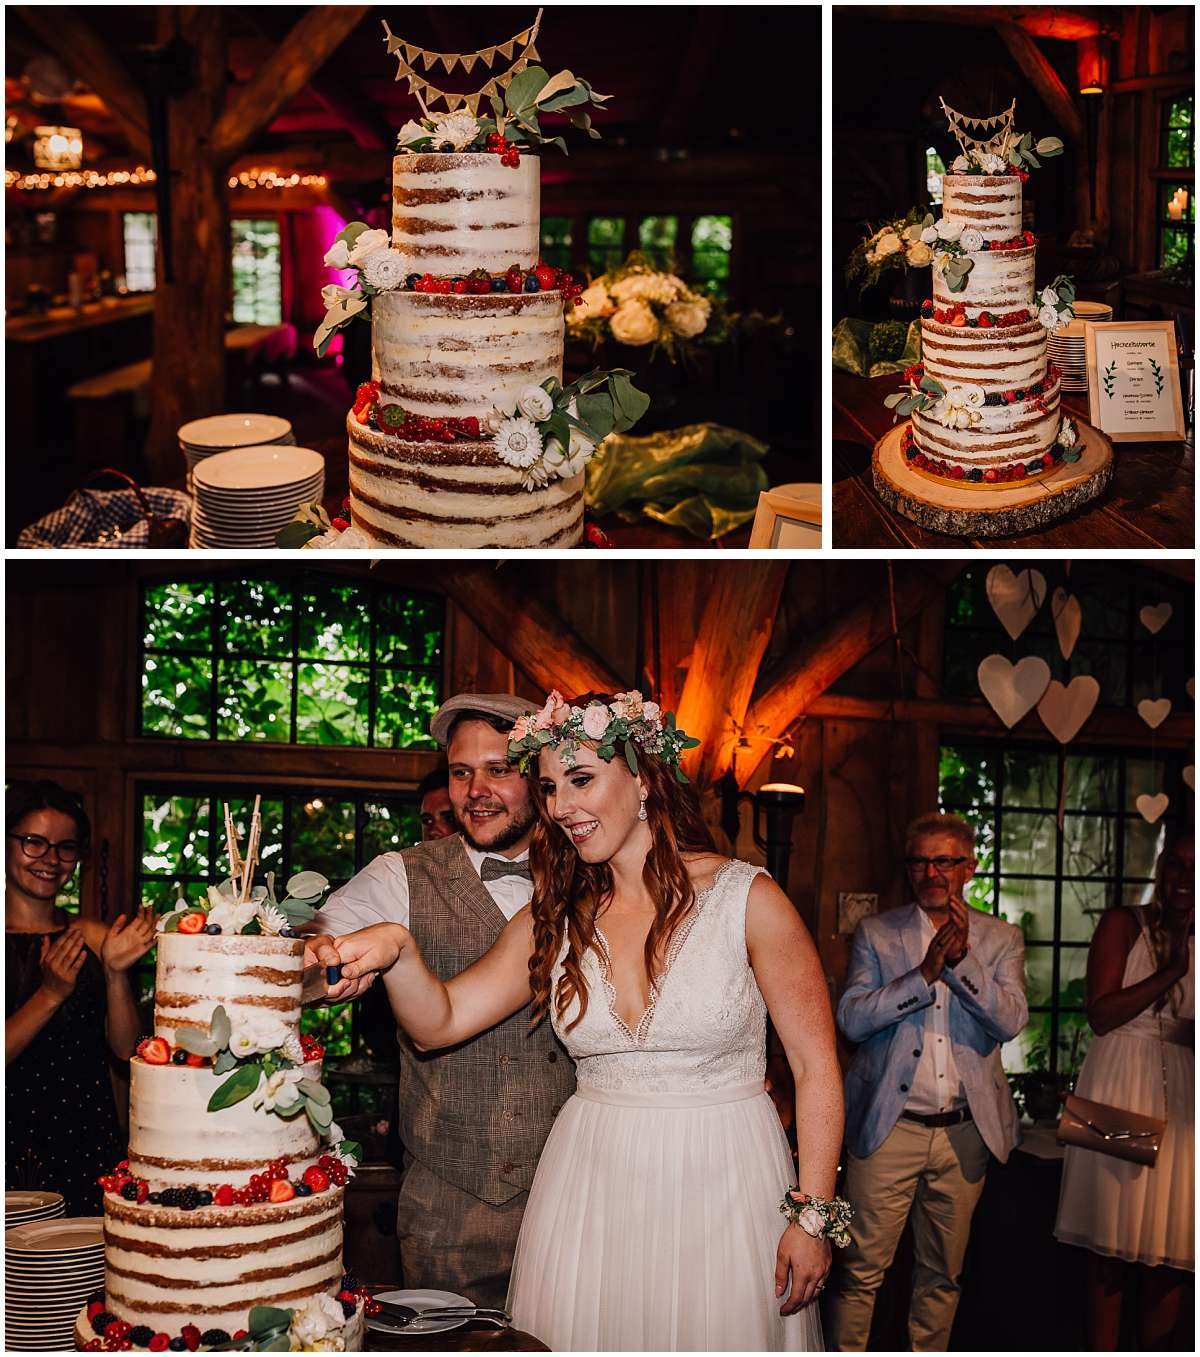 Hochzeitstorte auf einer Hochzeit auf dem Eventbauernhof Sprikeltrix in Erwitte